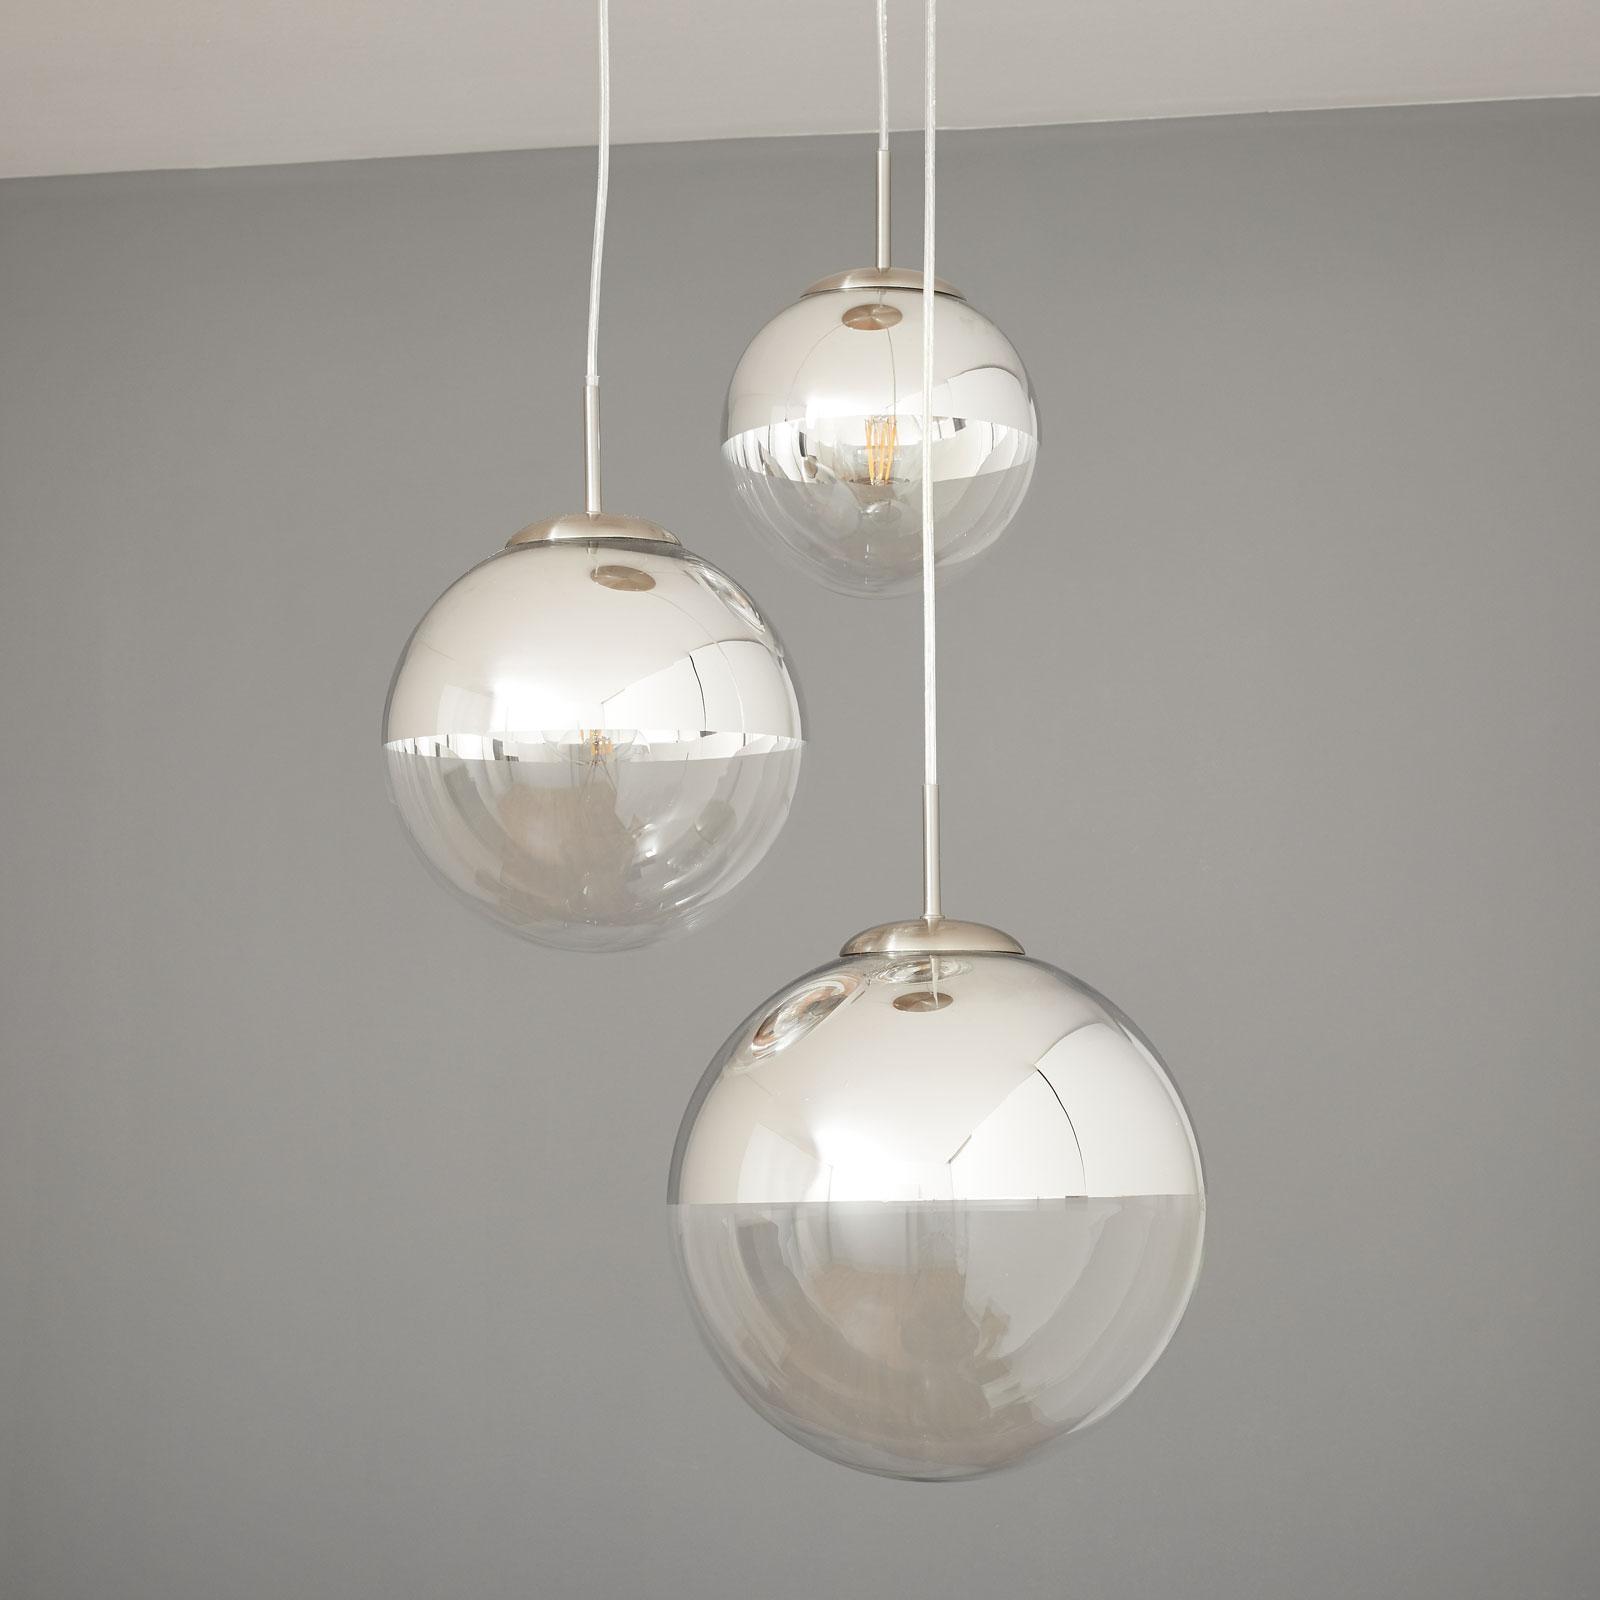 Hanglamp Ravena met glazen bollen, 3 lampen